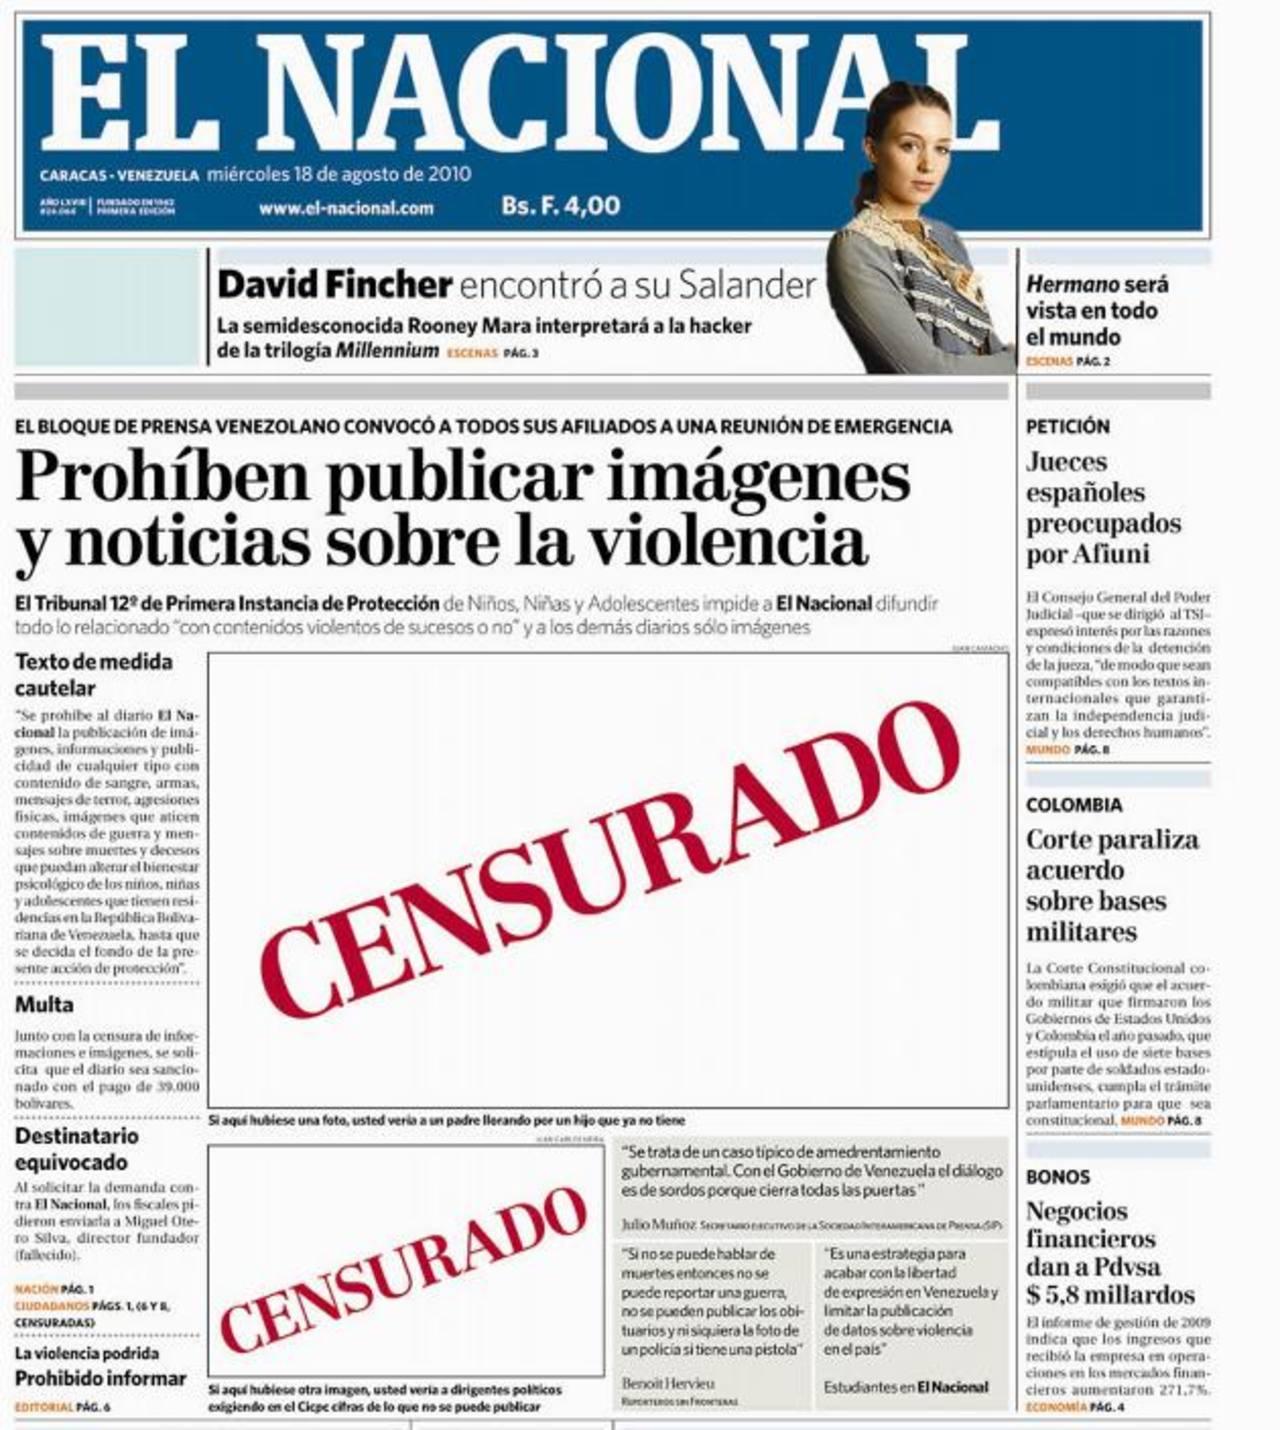 La Fiscalía de Venezuela ha pedido congelar las cuentas bancarias y bienes del editor de El Nacional, un diario crítico del Gobierno, en momentos en que las autoridades arrecian su control sobre los medios de comunicación del país. foto edh / el naci